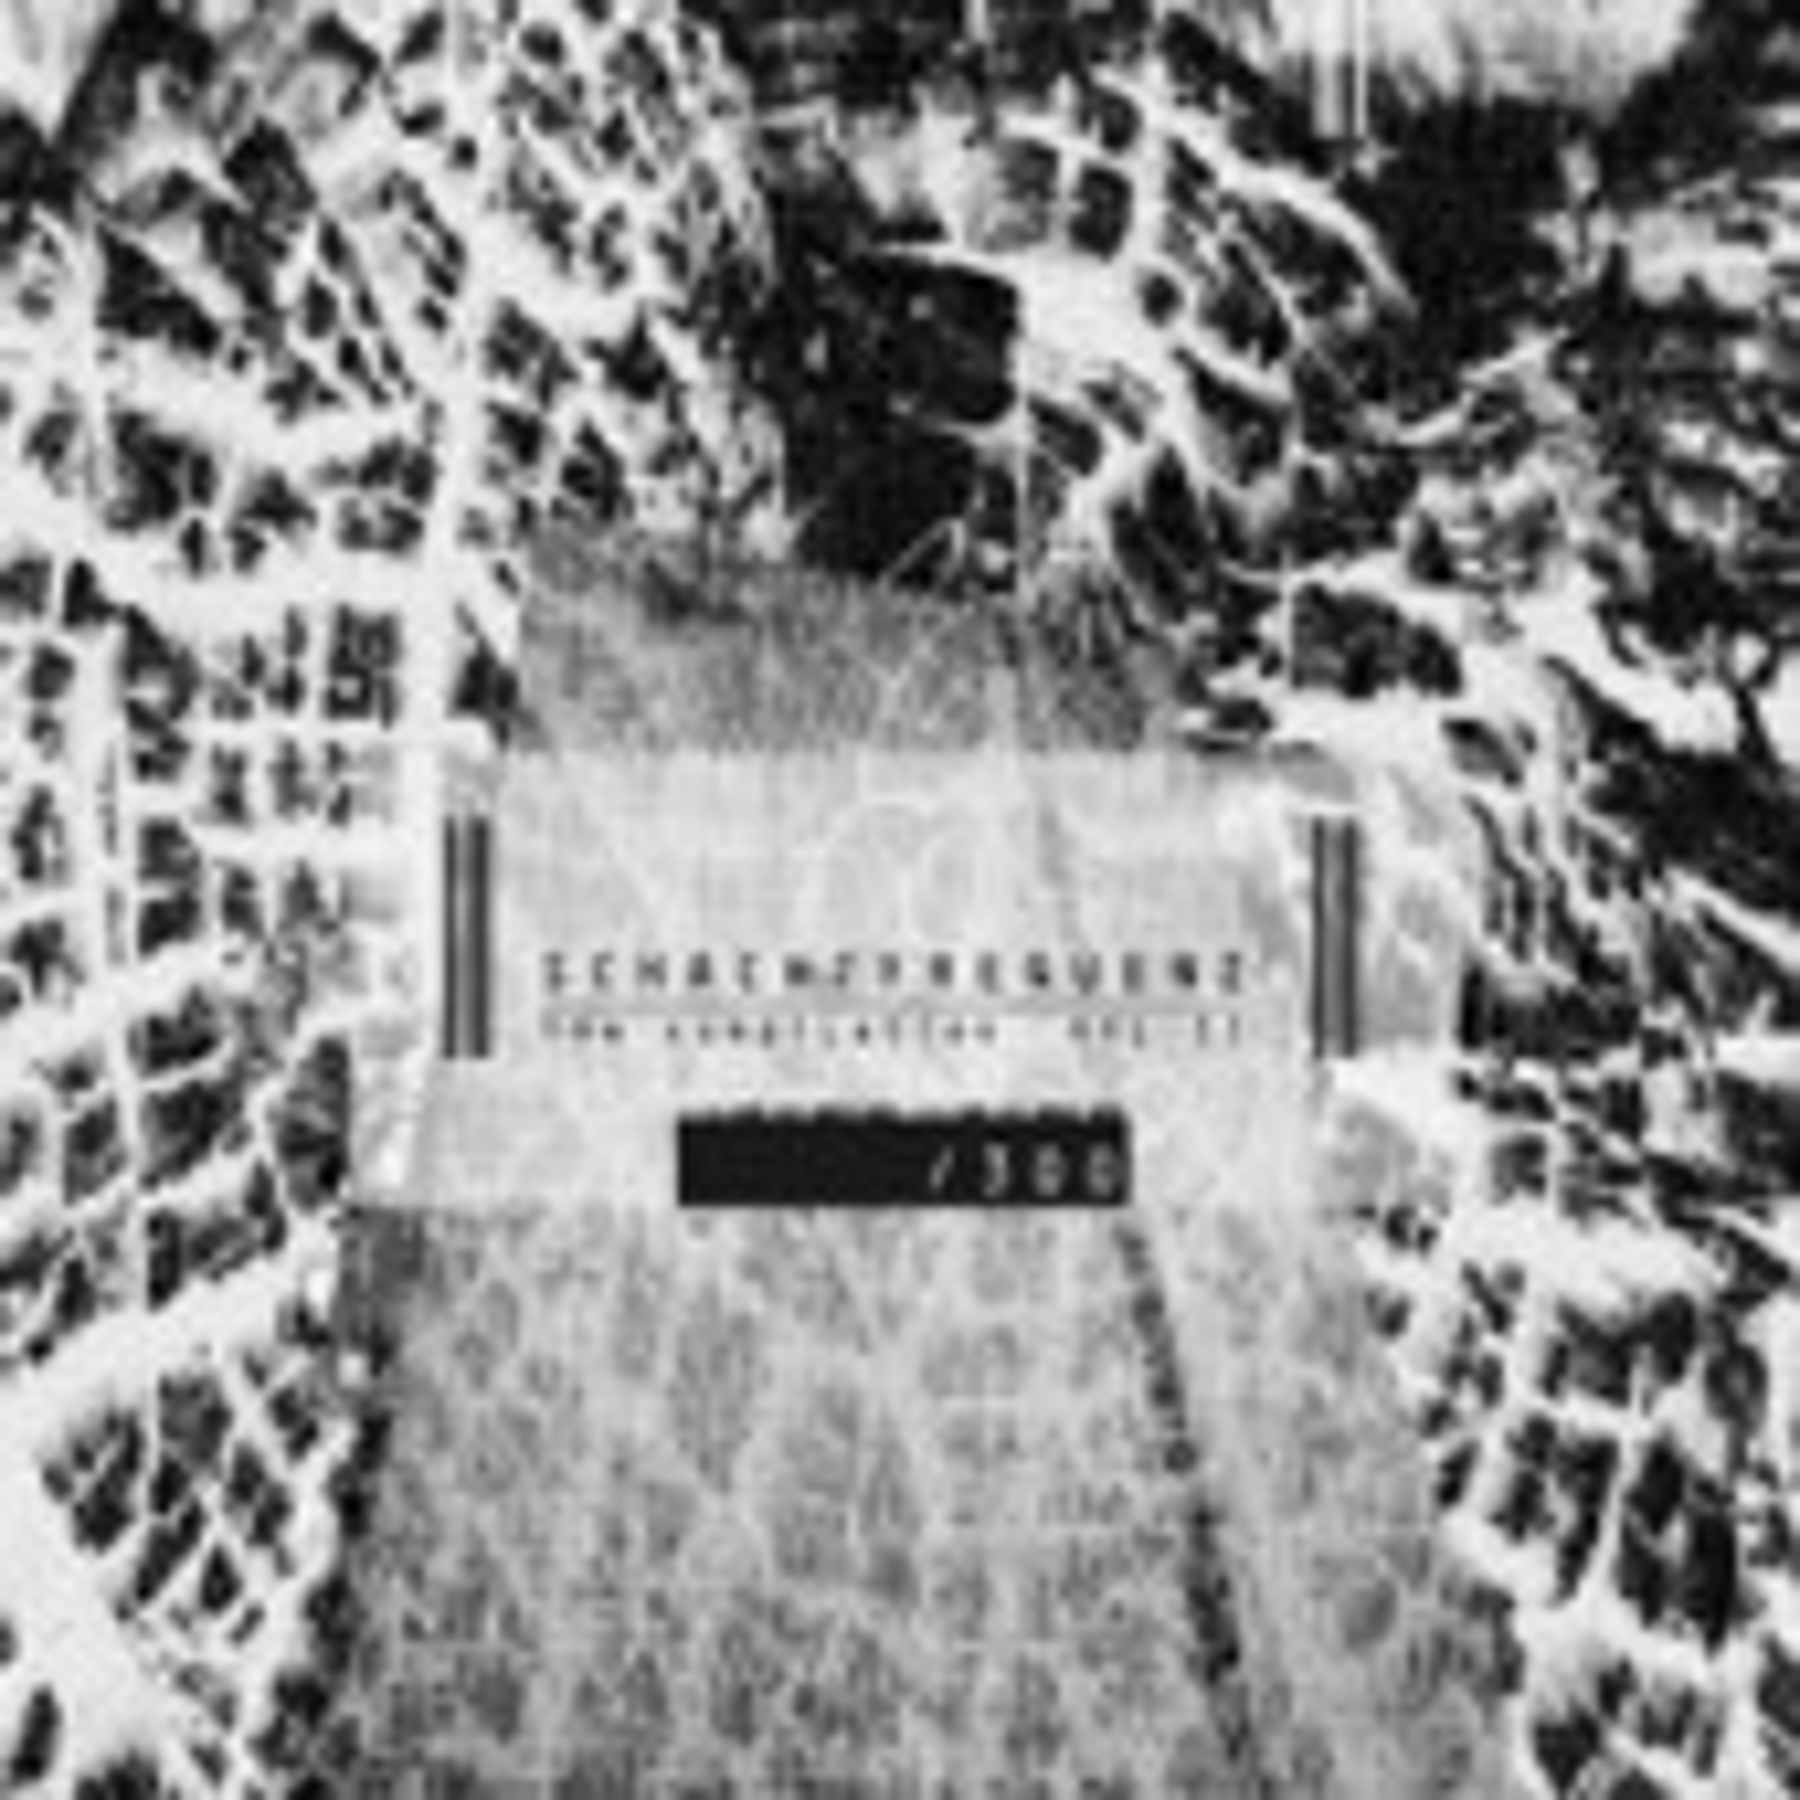 V.A. - Schachtfrequenz Vol. 2 - CD - Ltd. CD